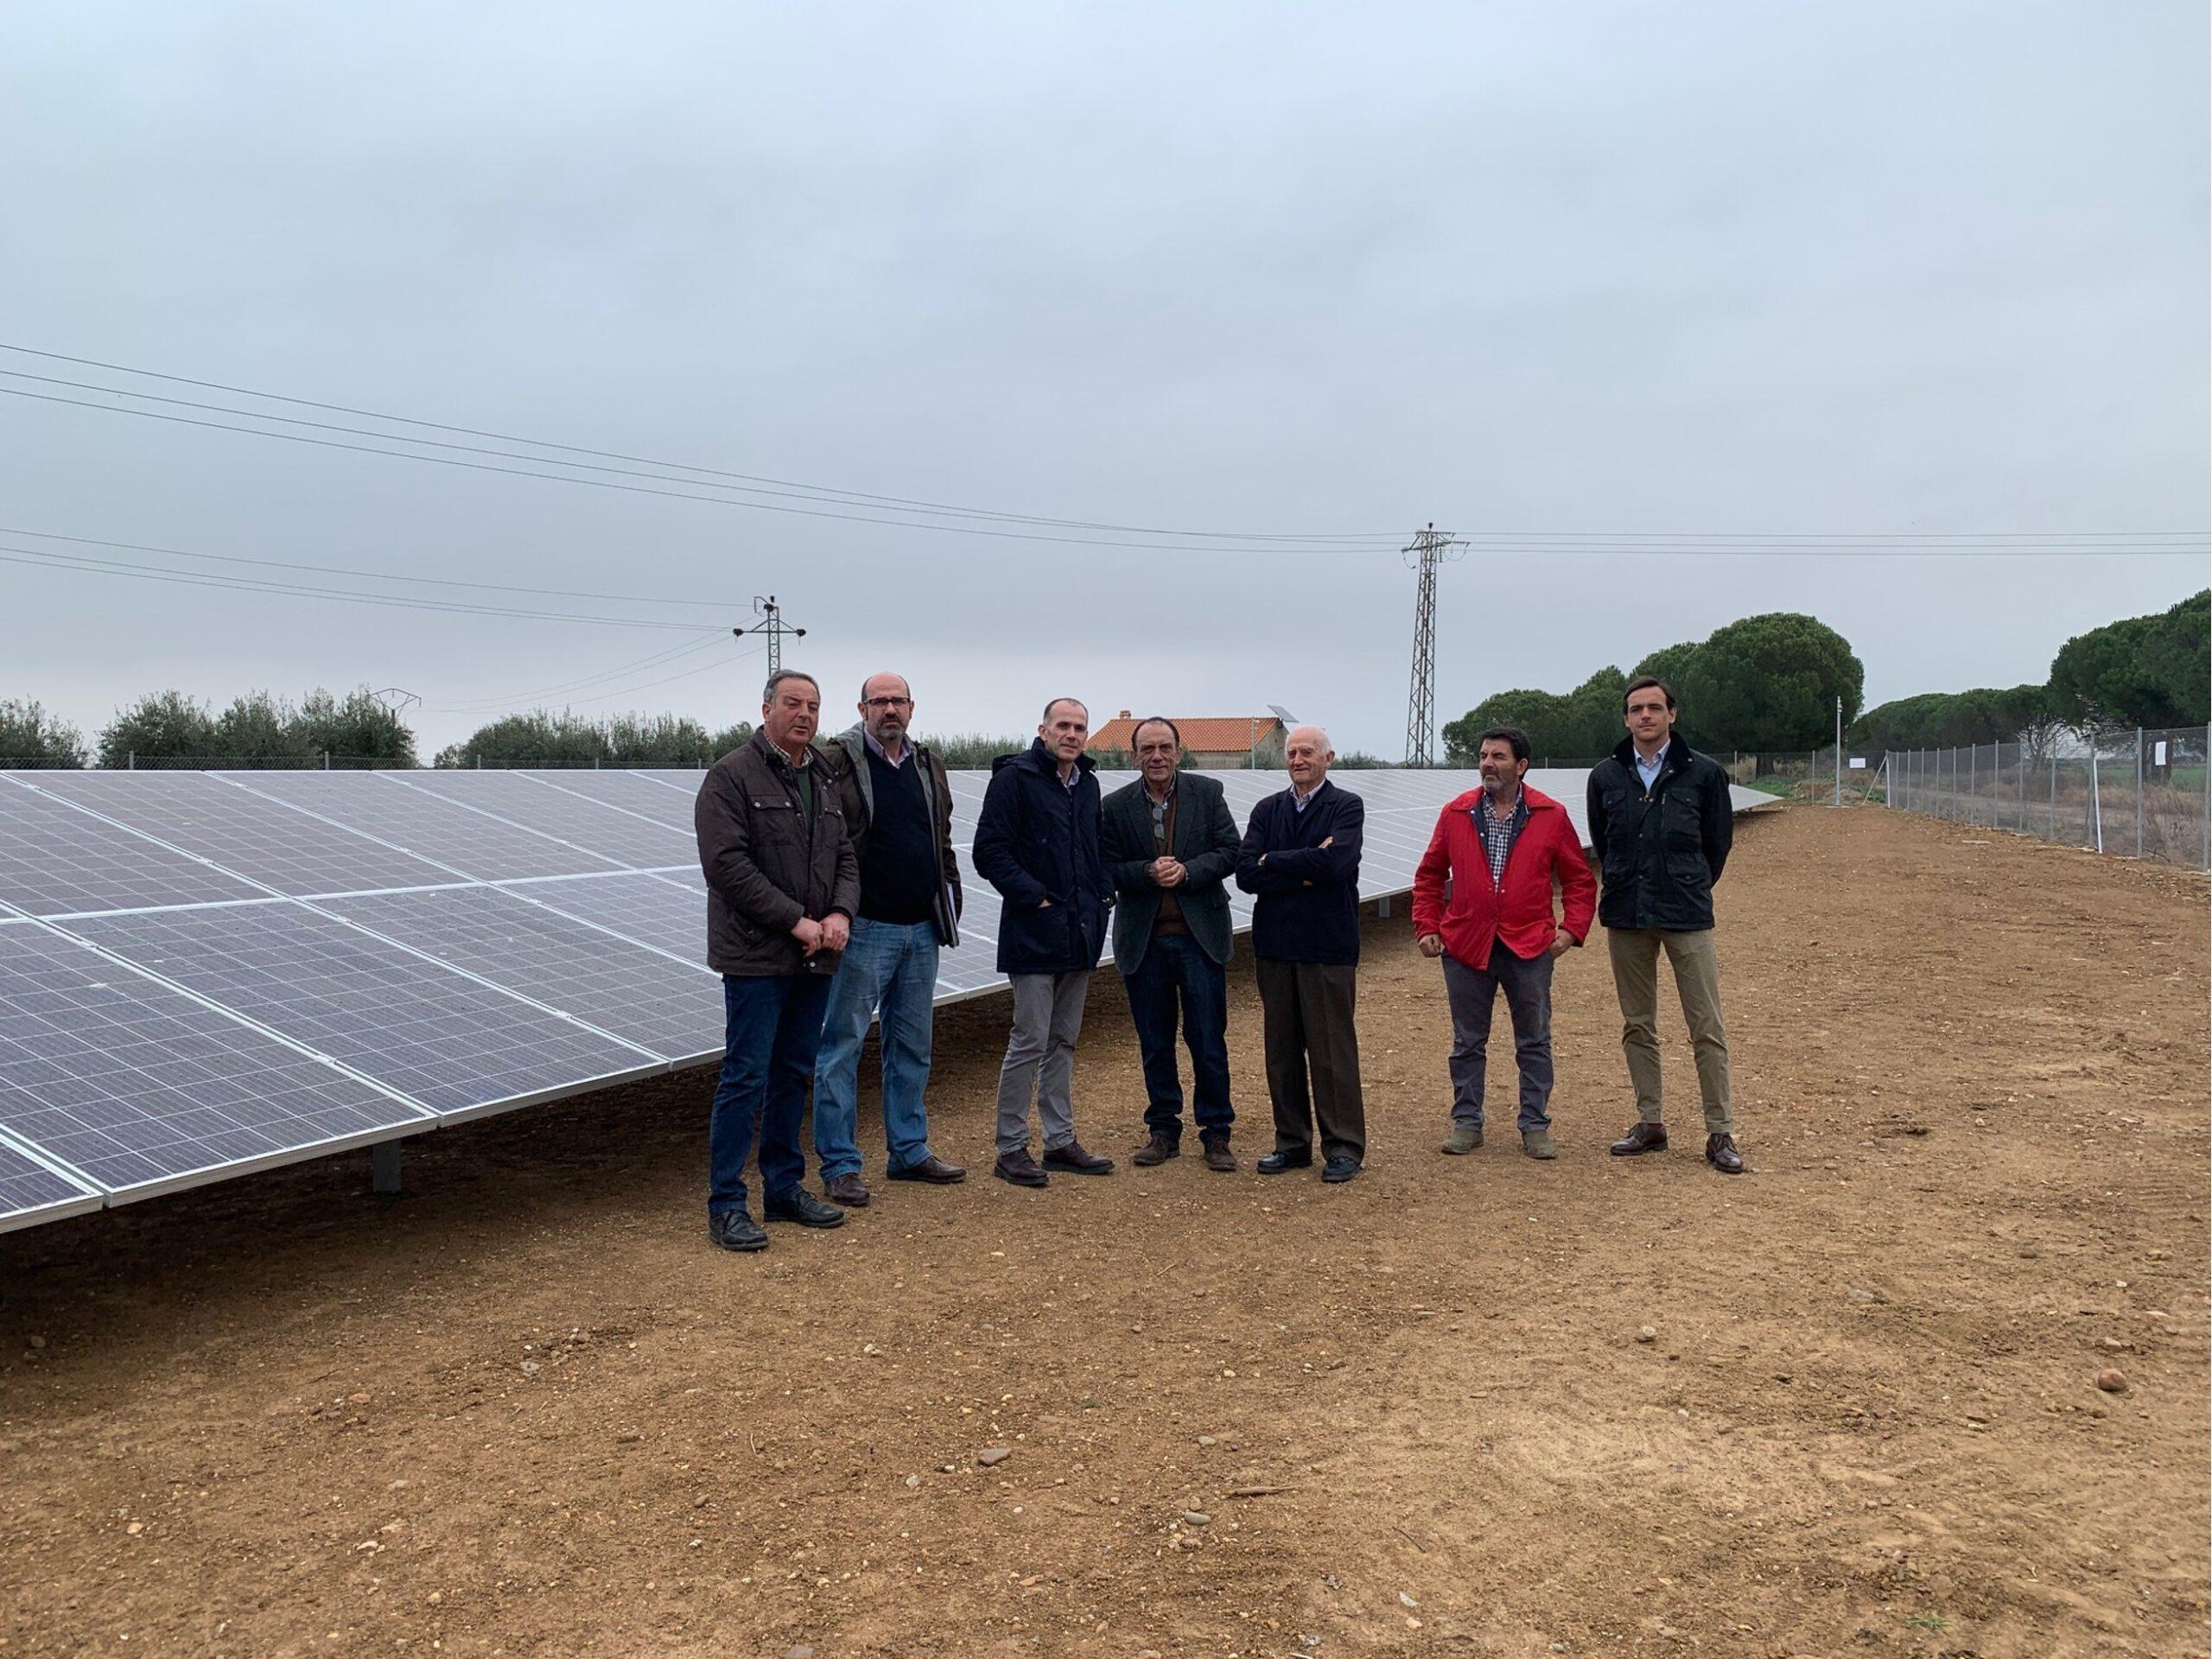 Opengy participa en el primer proyecto fotovoltaico puesto en marcha por una comunidad de regantes en Extremadura